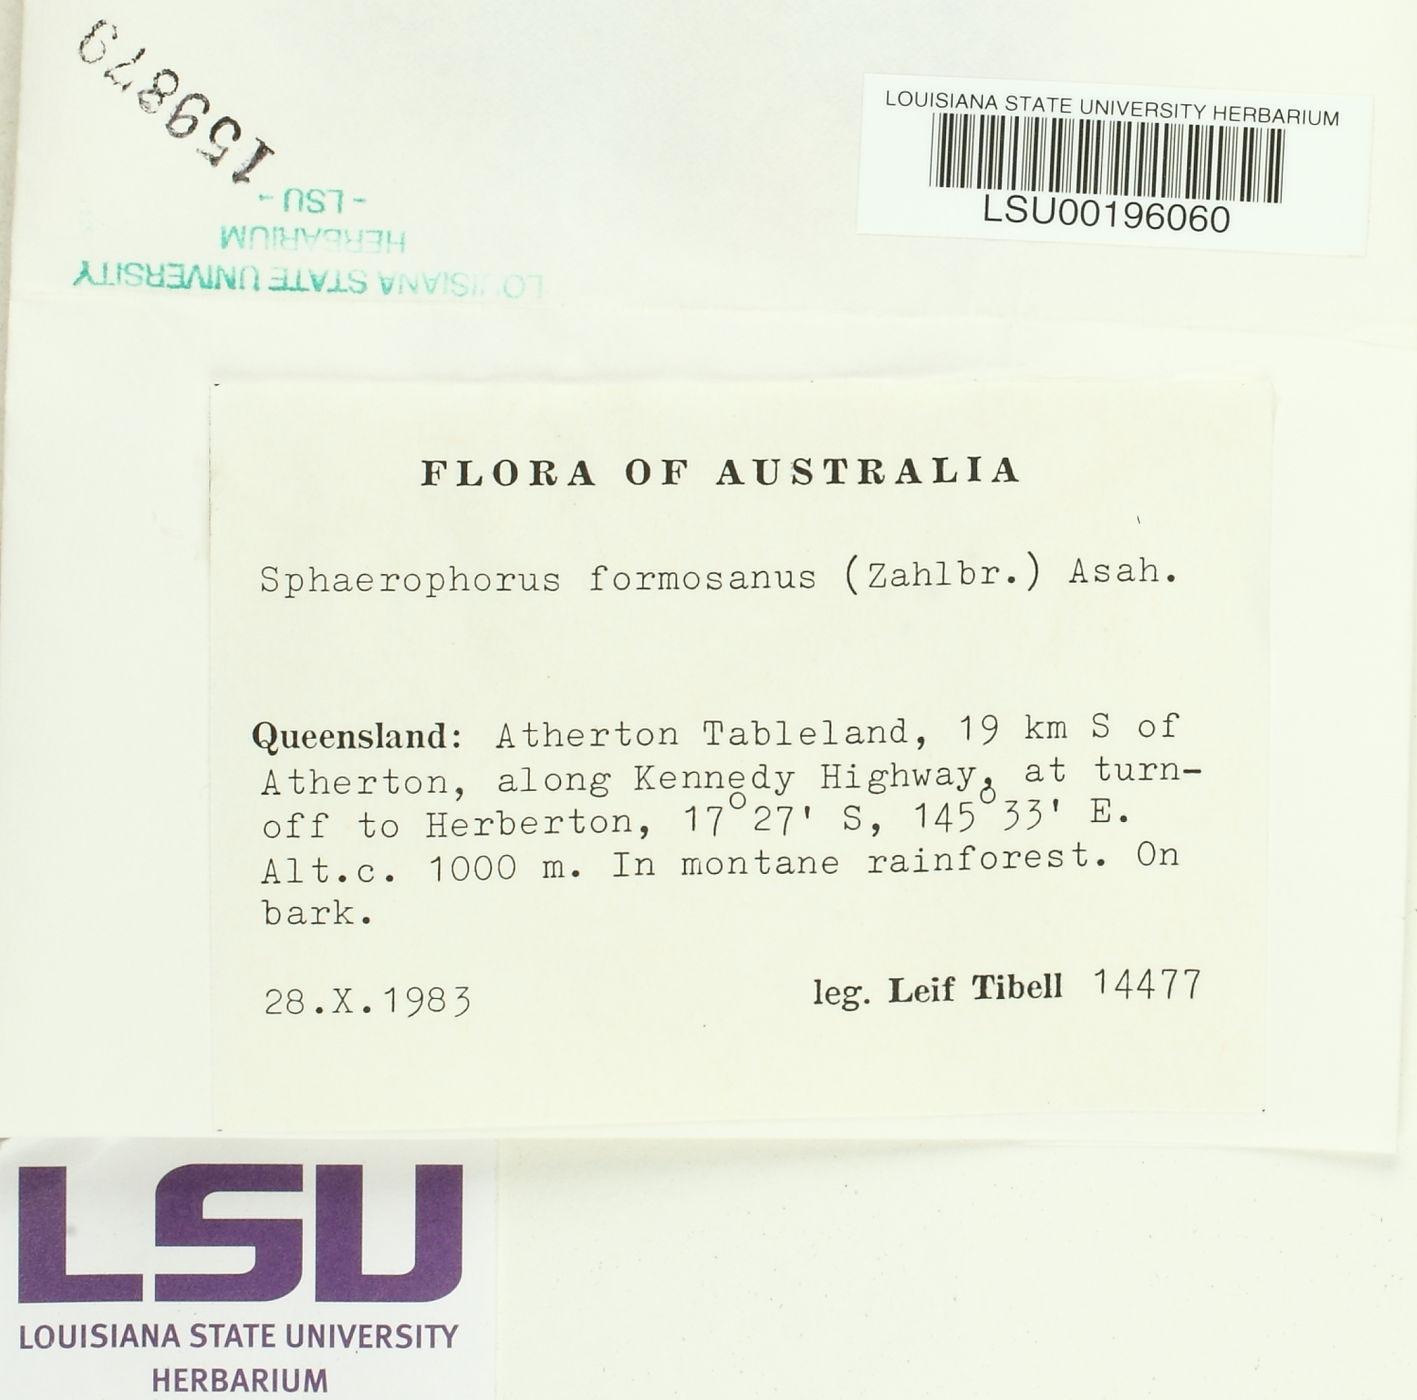 Sphaerophorus formosanus image